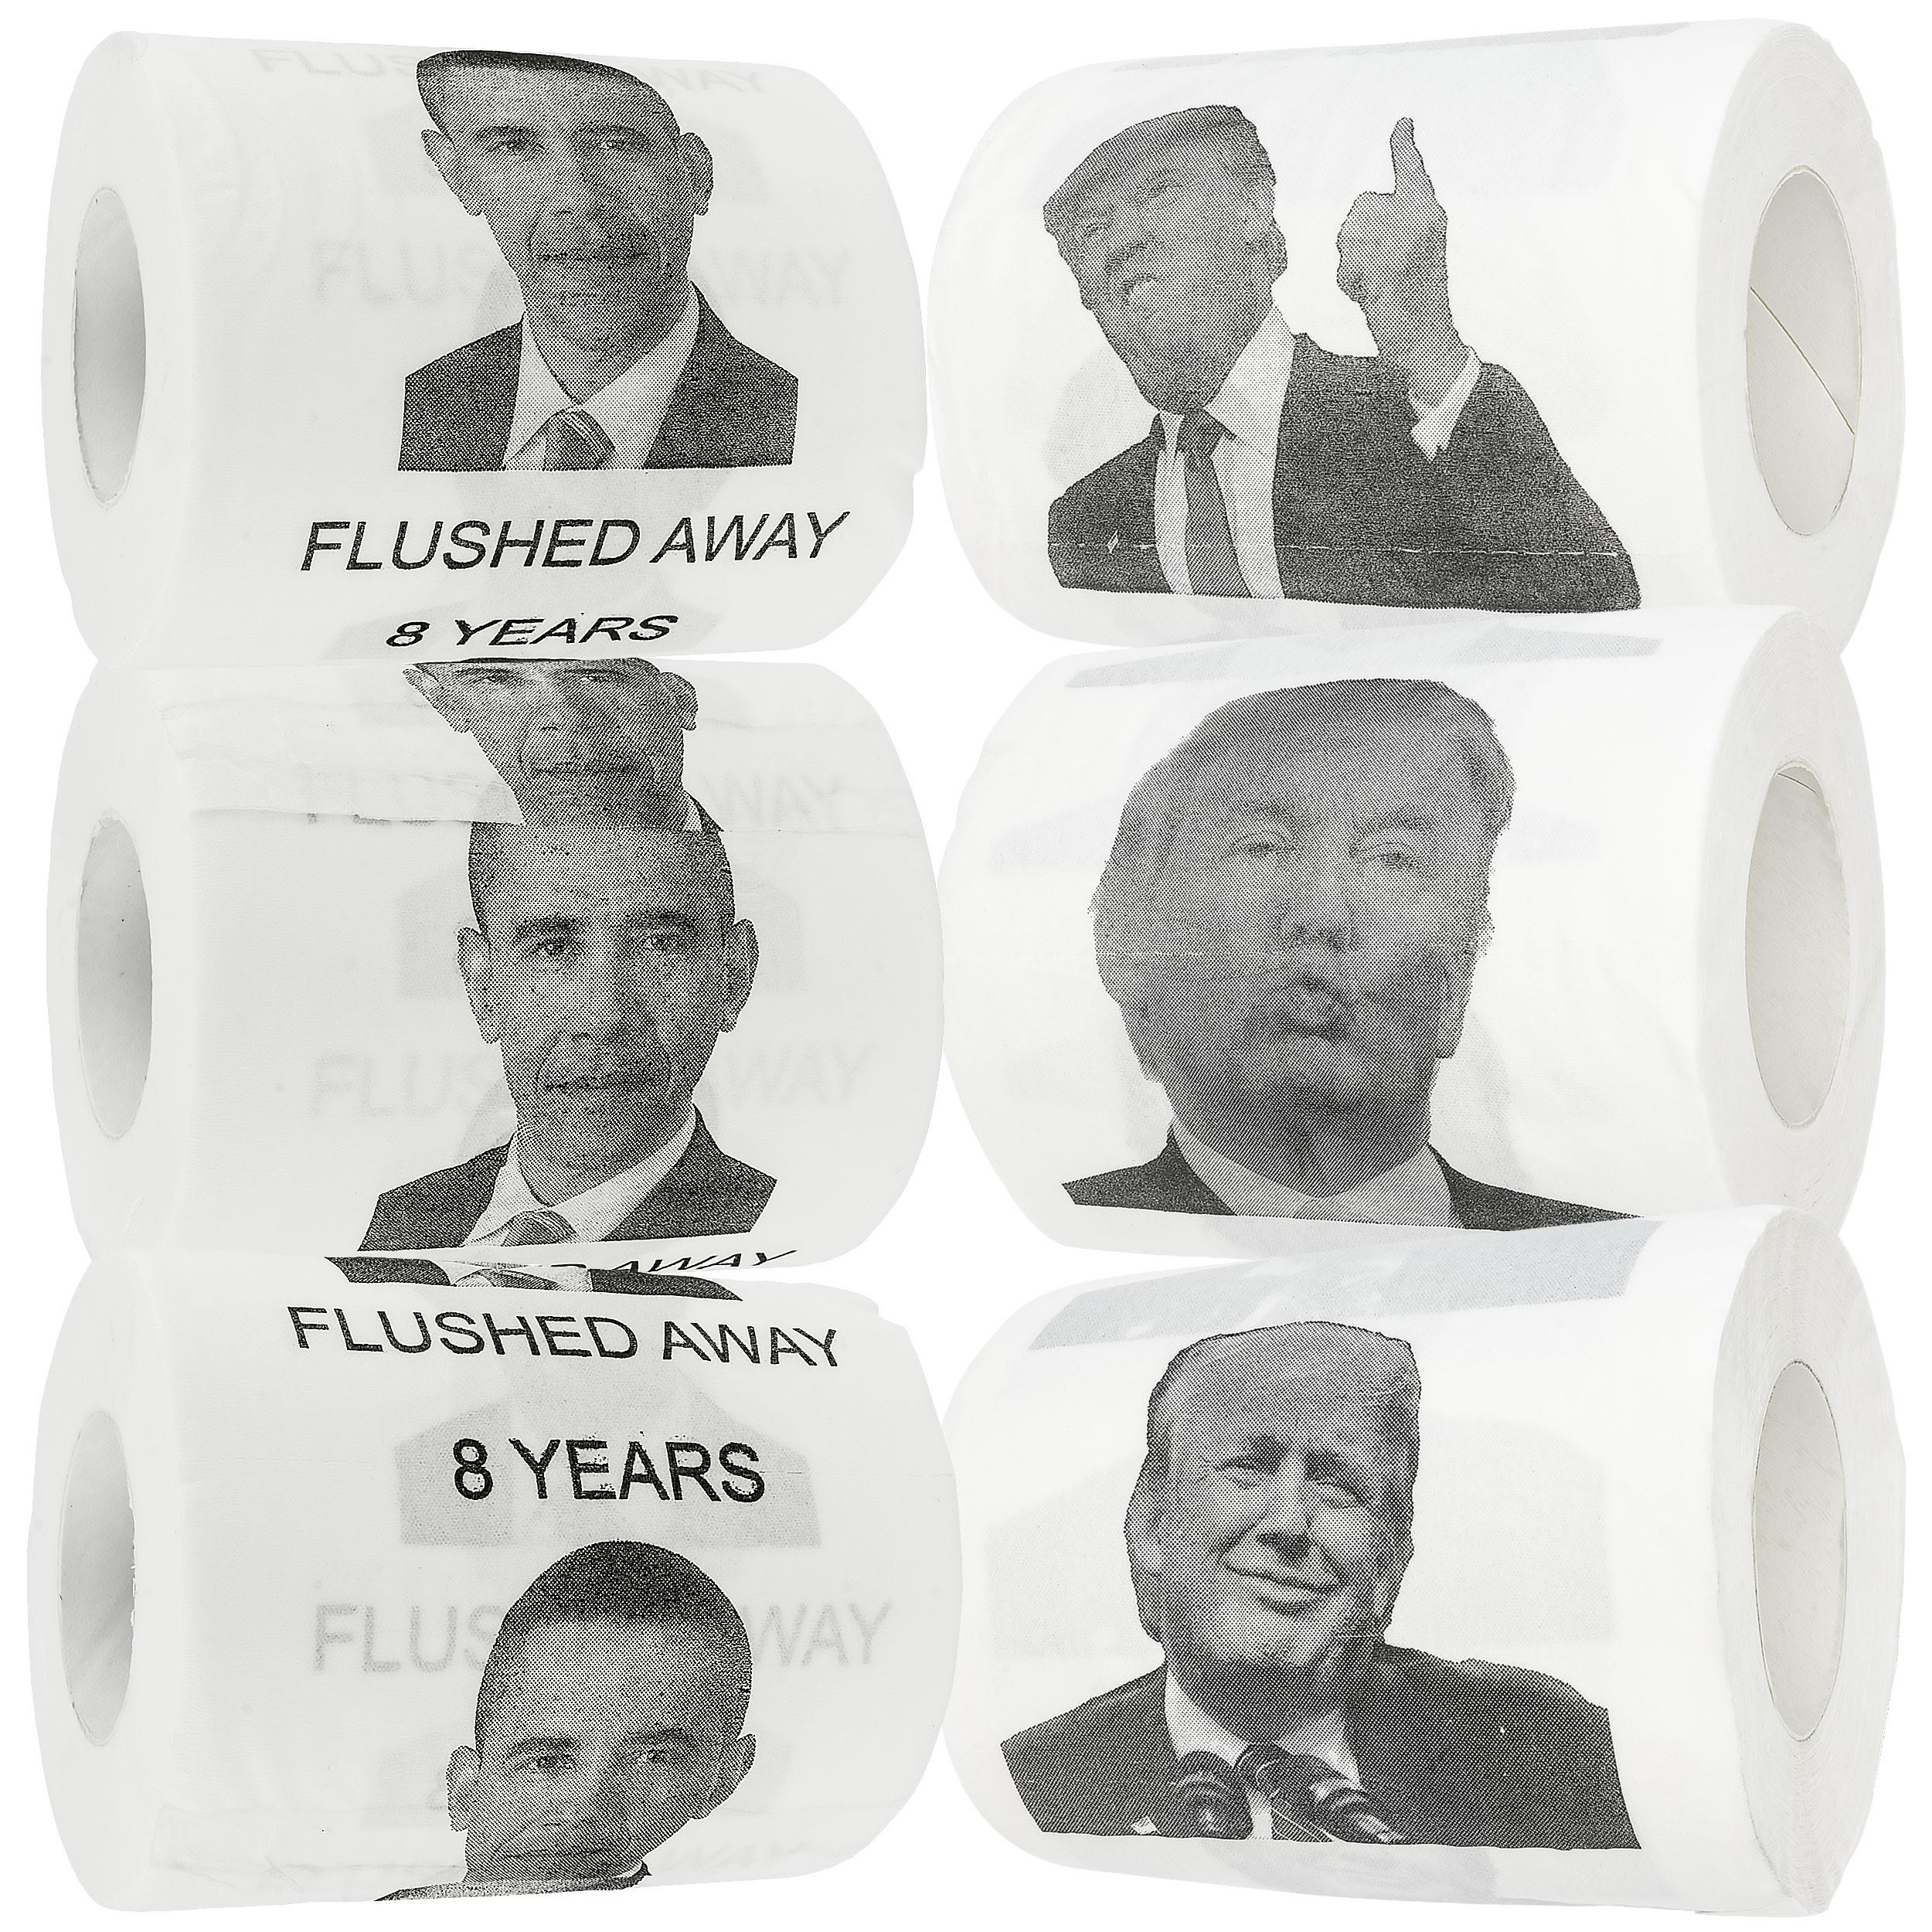 Donald Trump & Barack Obama Novelty Funny Toilet Paper Gag Gift, Set of 6 Rolls